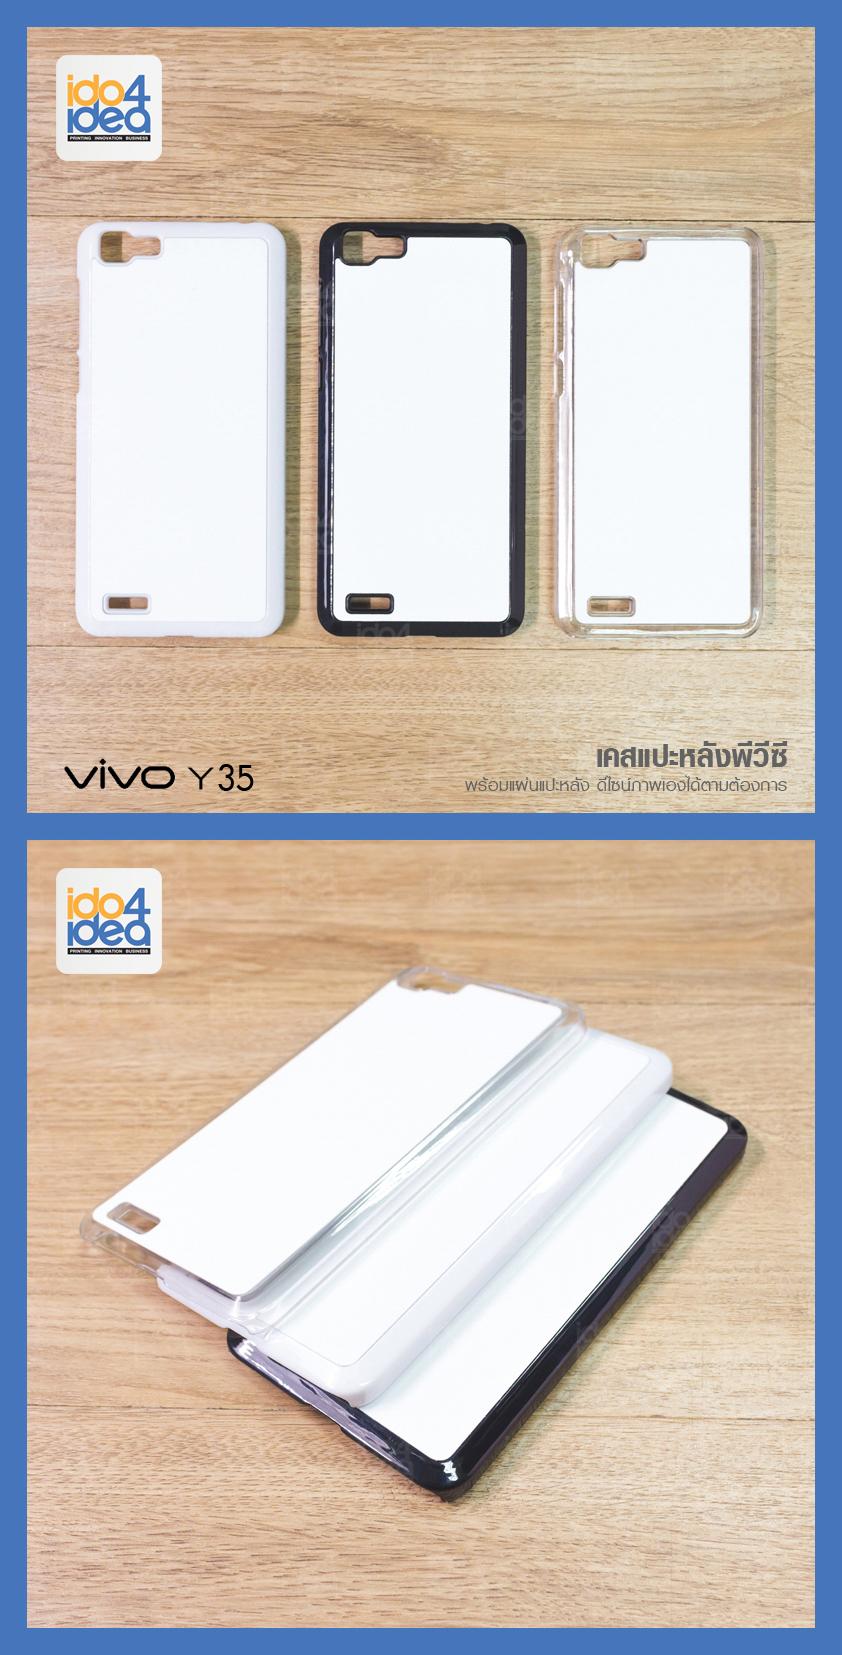 เคสพิมพ์ภาพ VIVO Y35 PVC เนื้อมันเงา